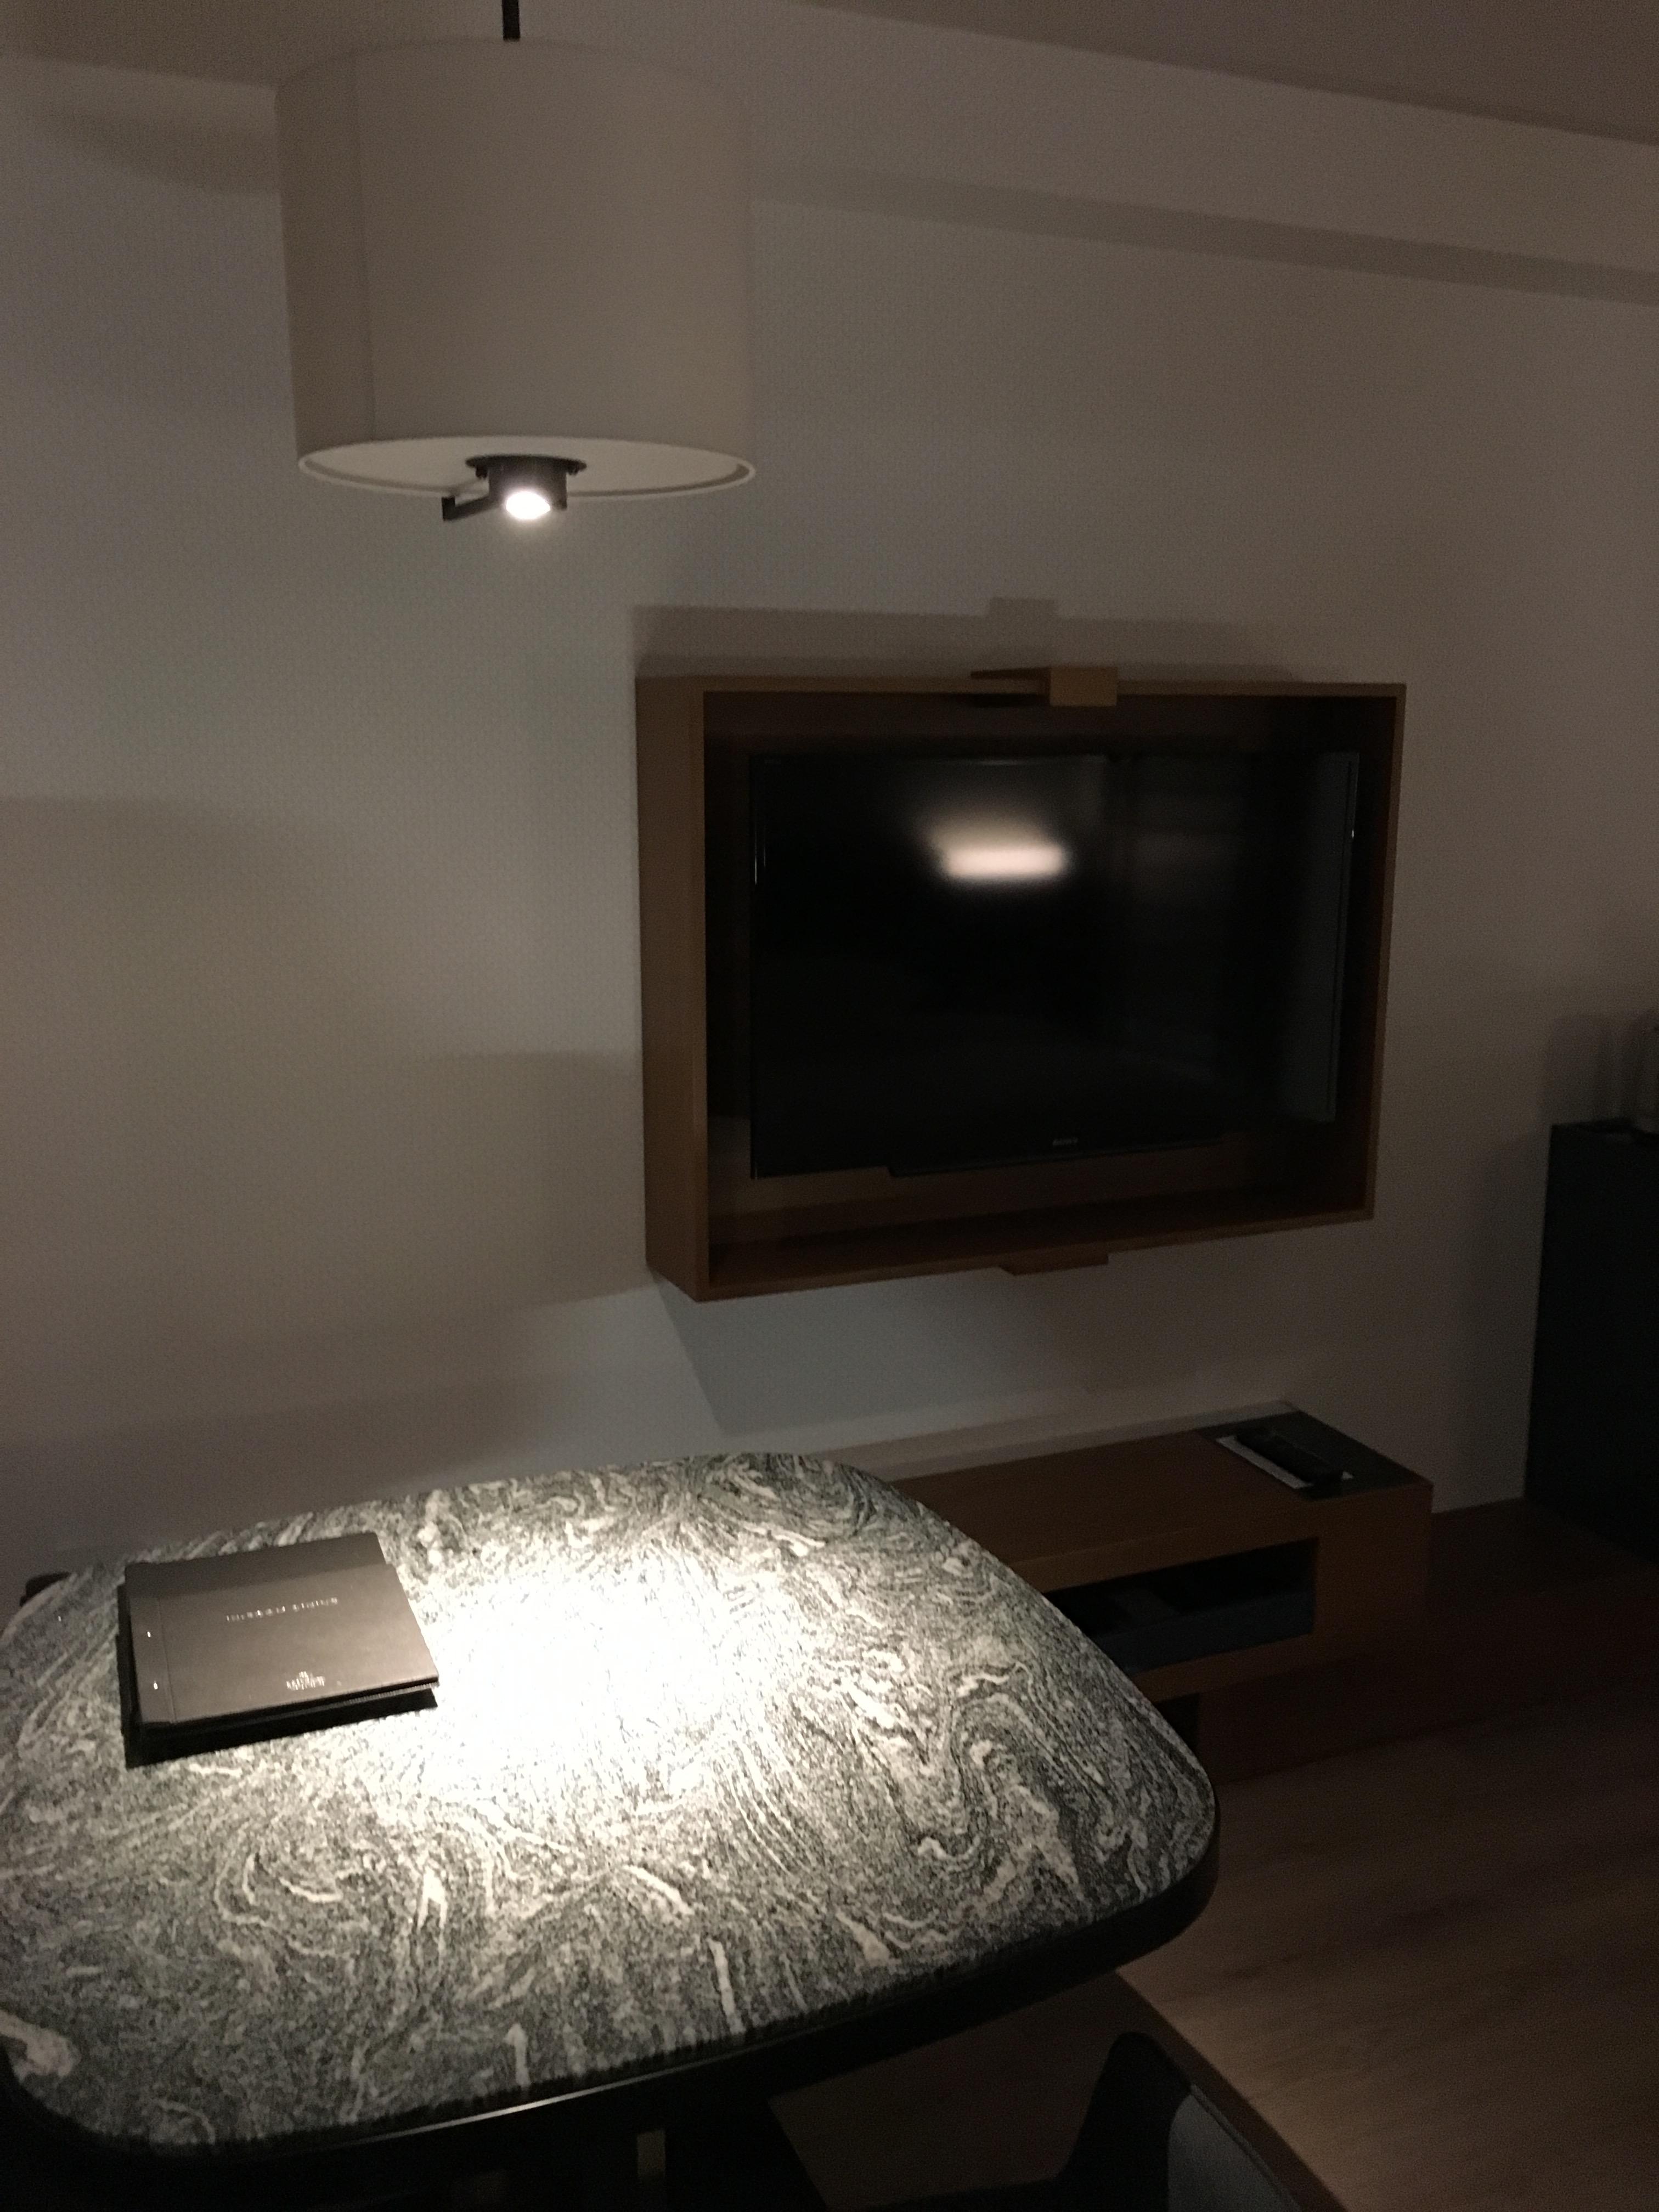 ヒルトン・ダイヤモンドステータスチャレンジ#4(ヒルトン 名古屋(Hilton Nagoya))